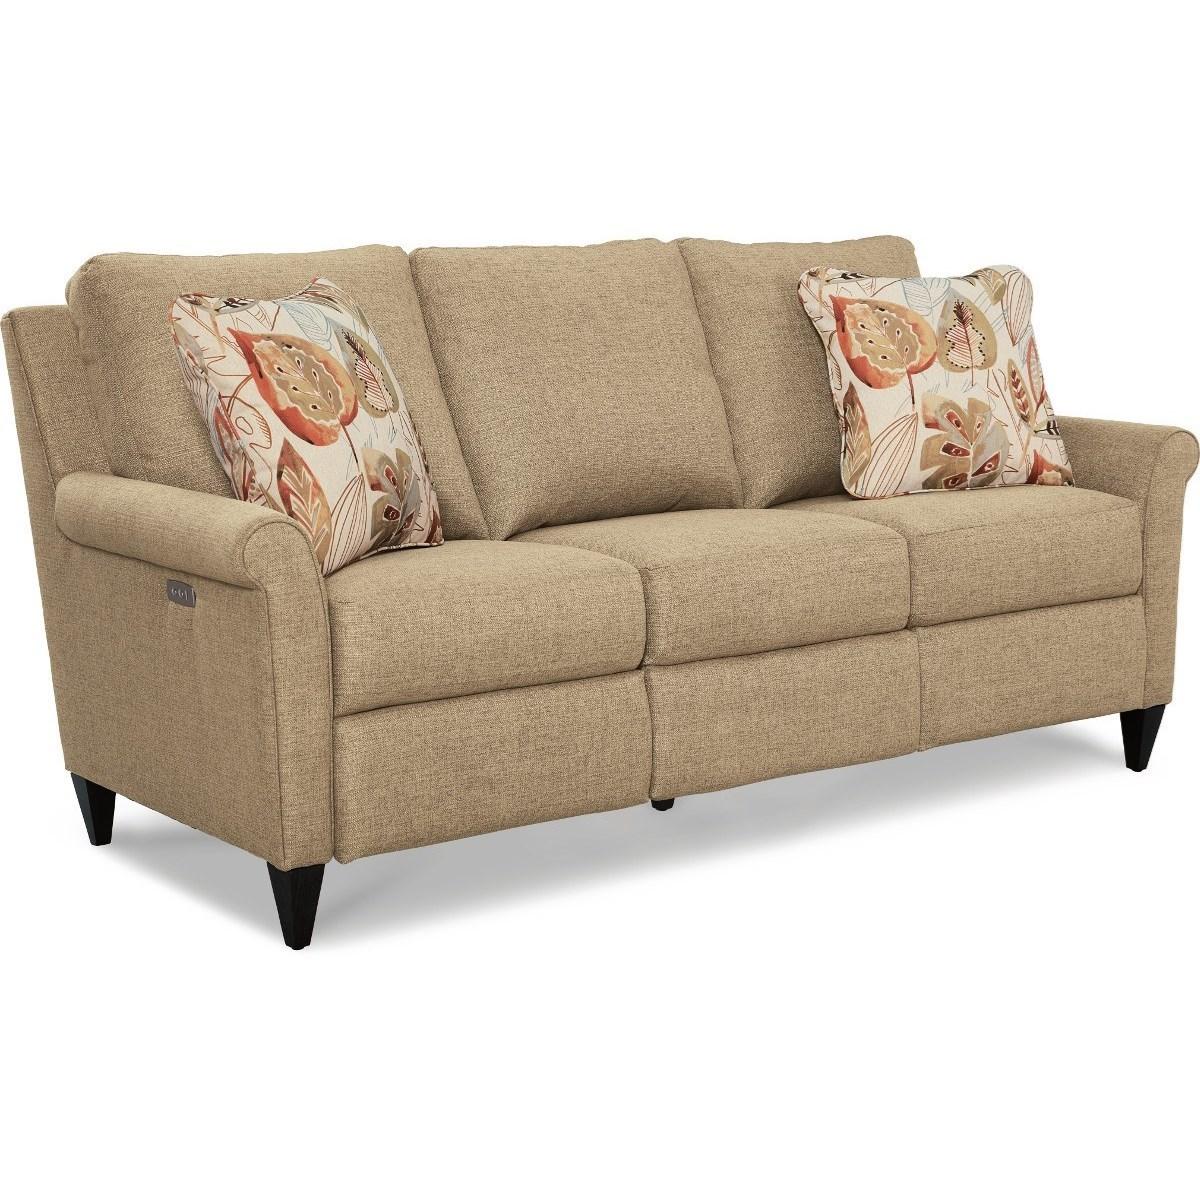 La Z Boy Abby Power Reclining Sofa With Usb Ports